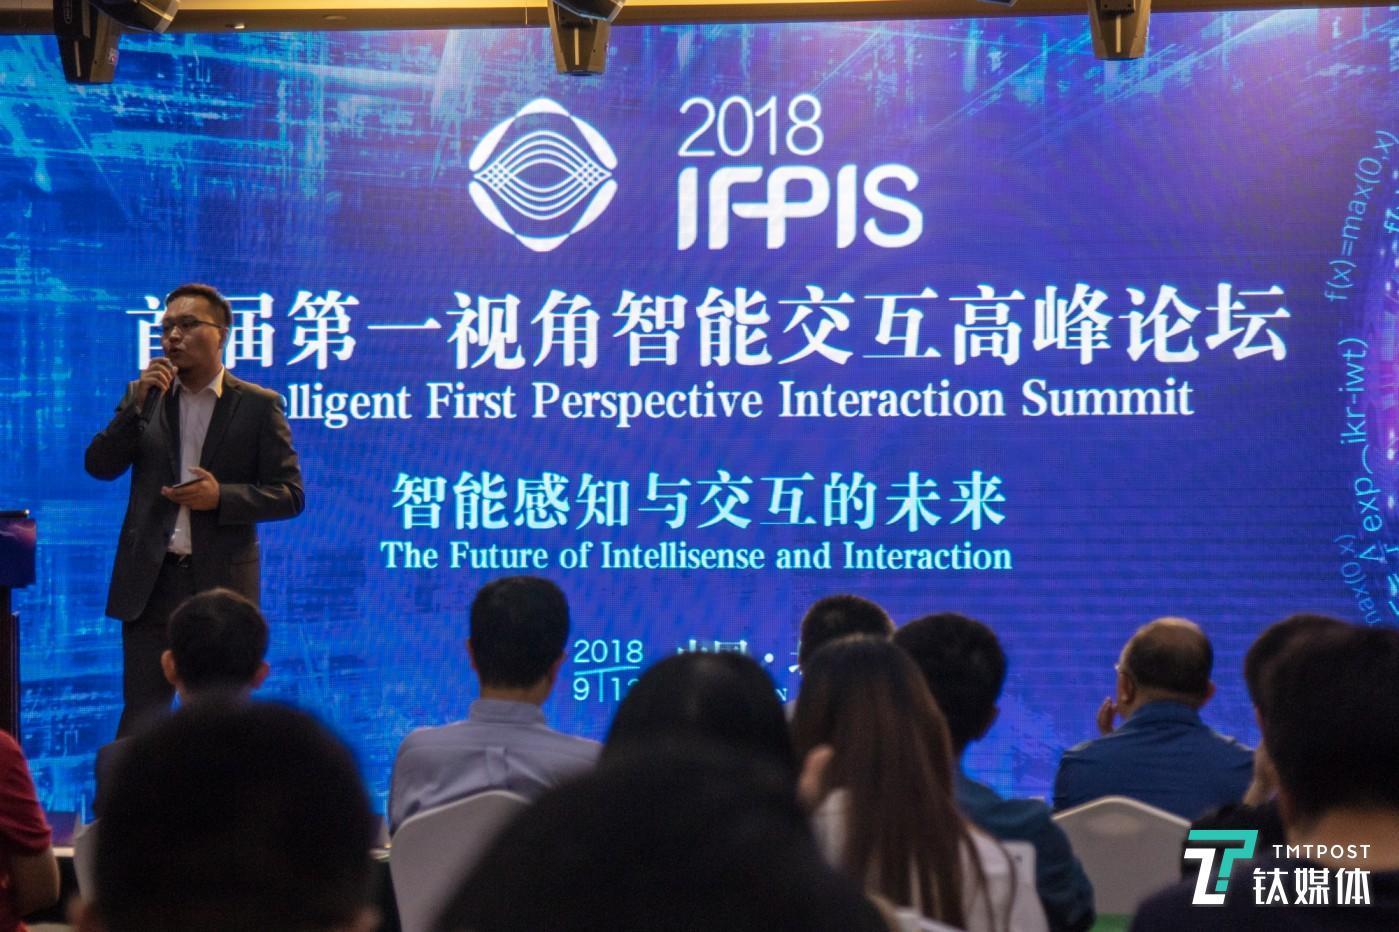 首届第一视角智能交互高峰论坛在京举办